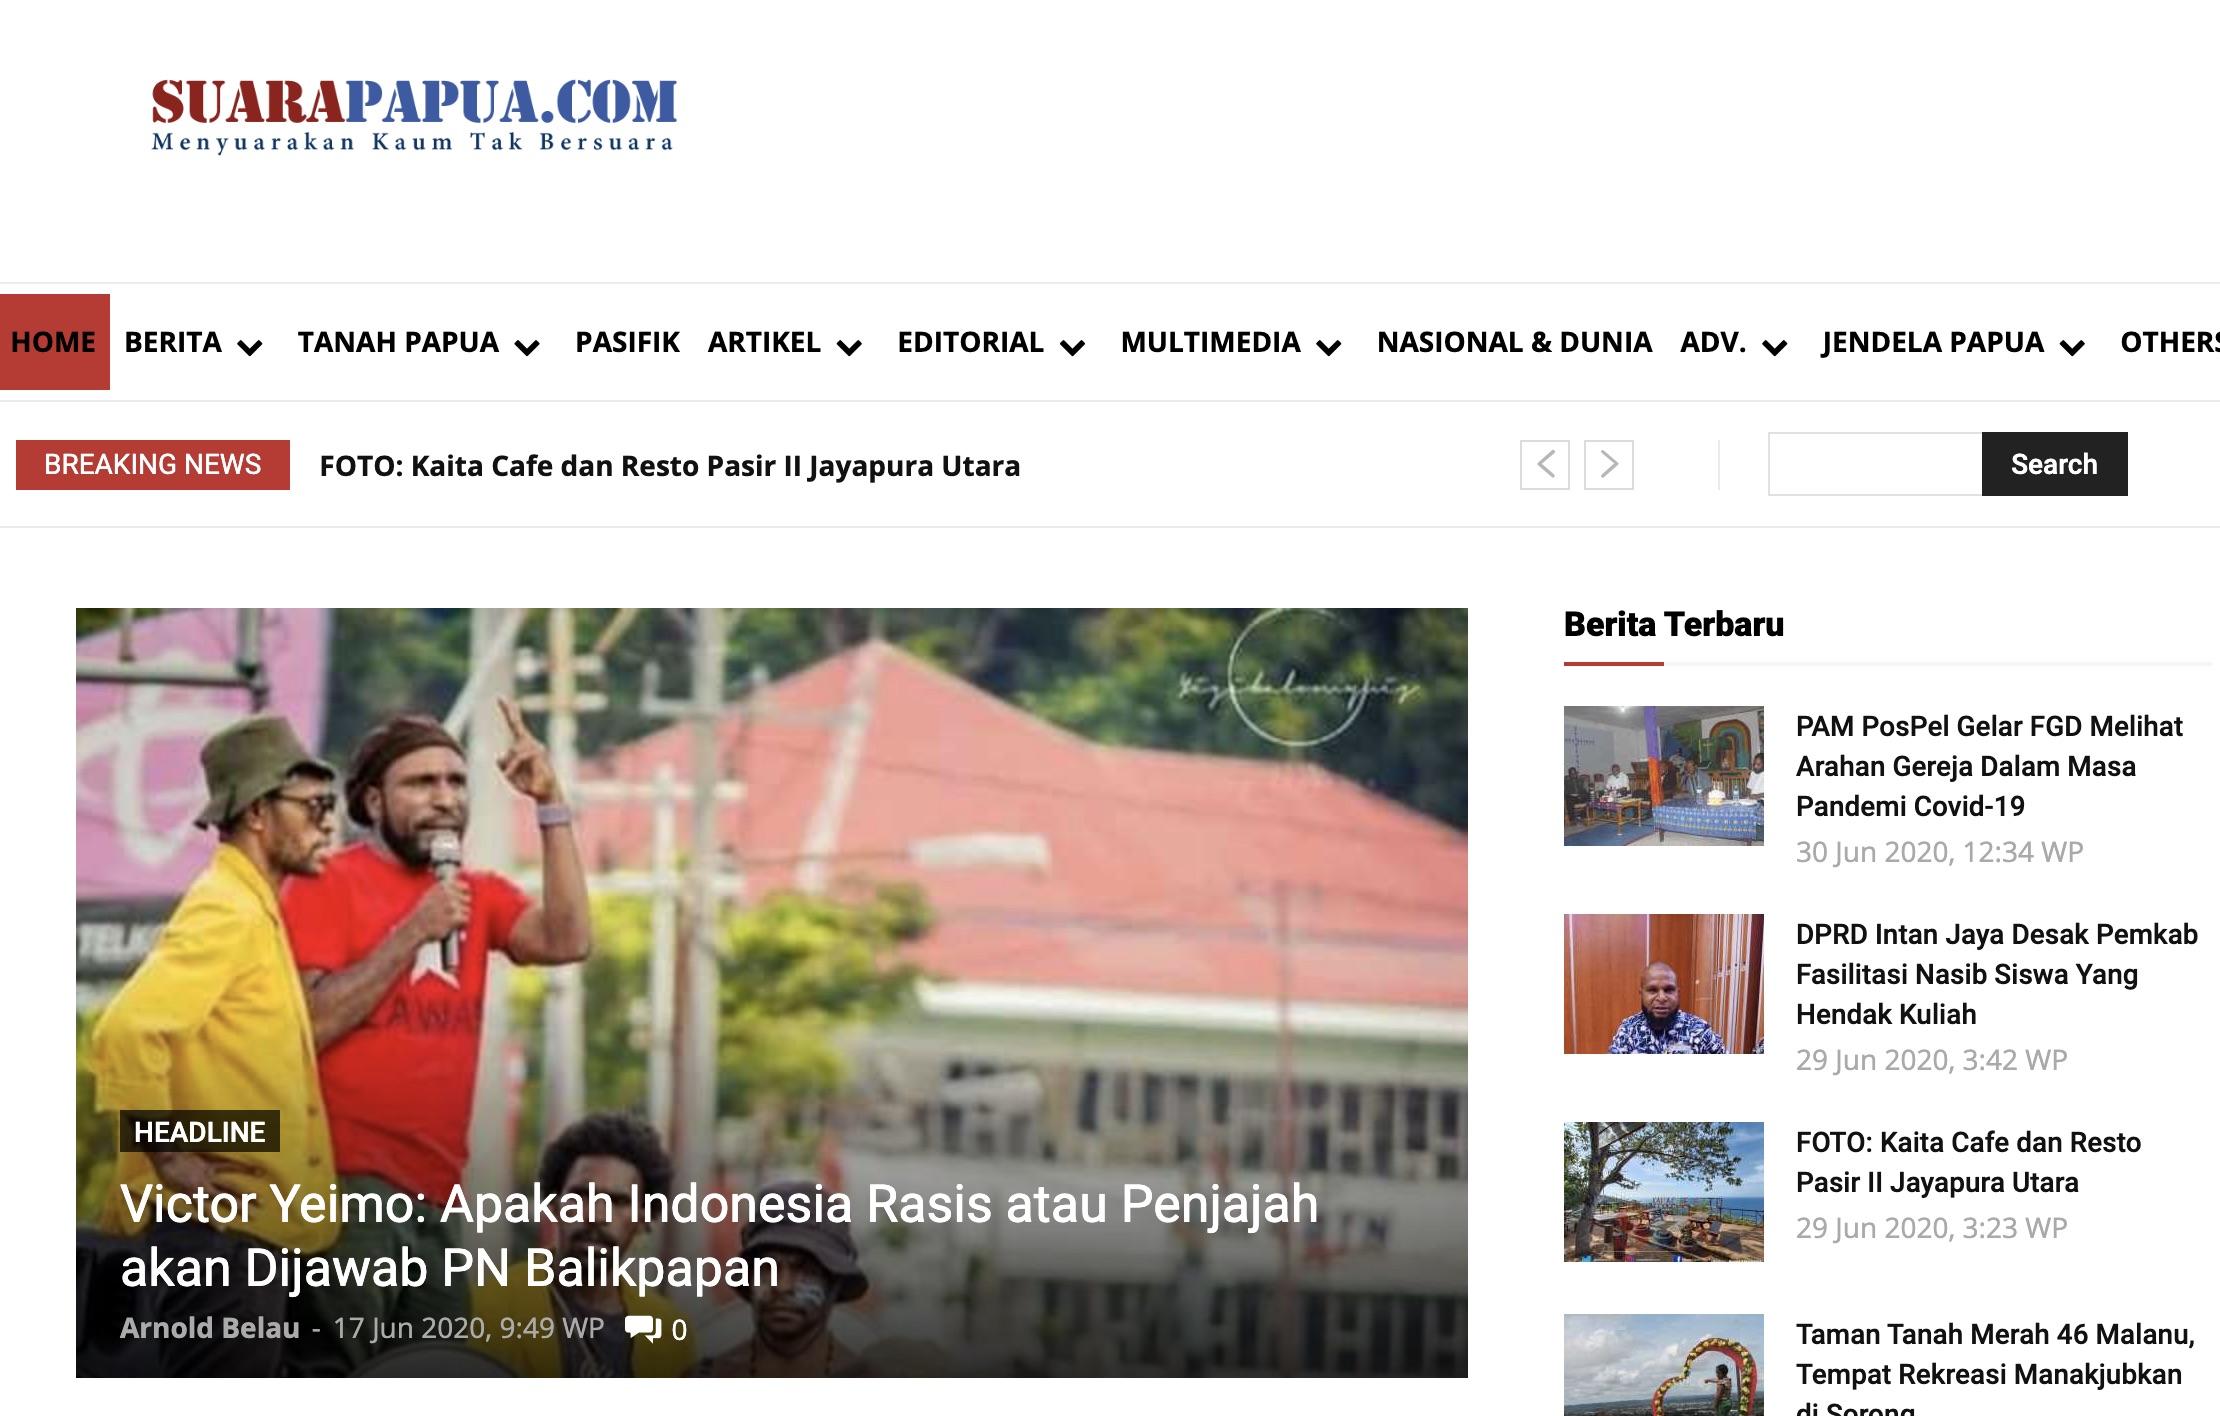 SuaraPapua.com